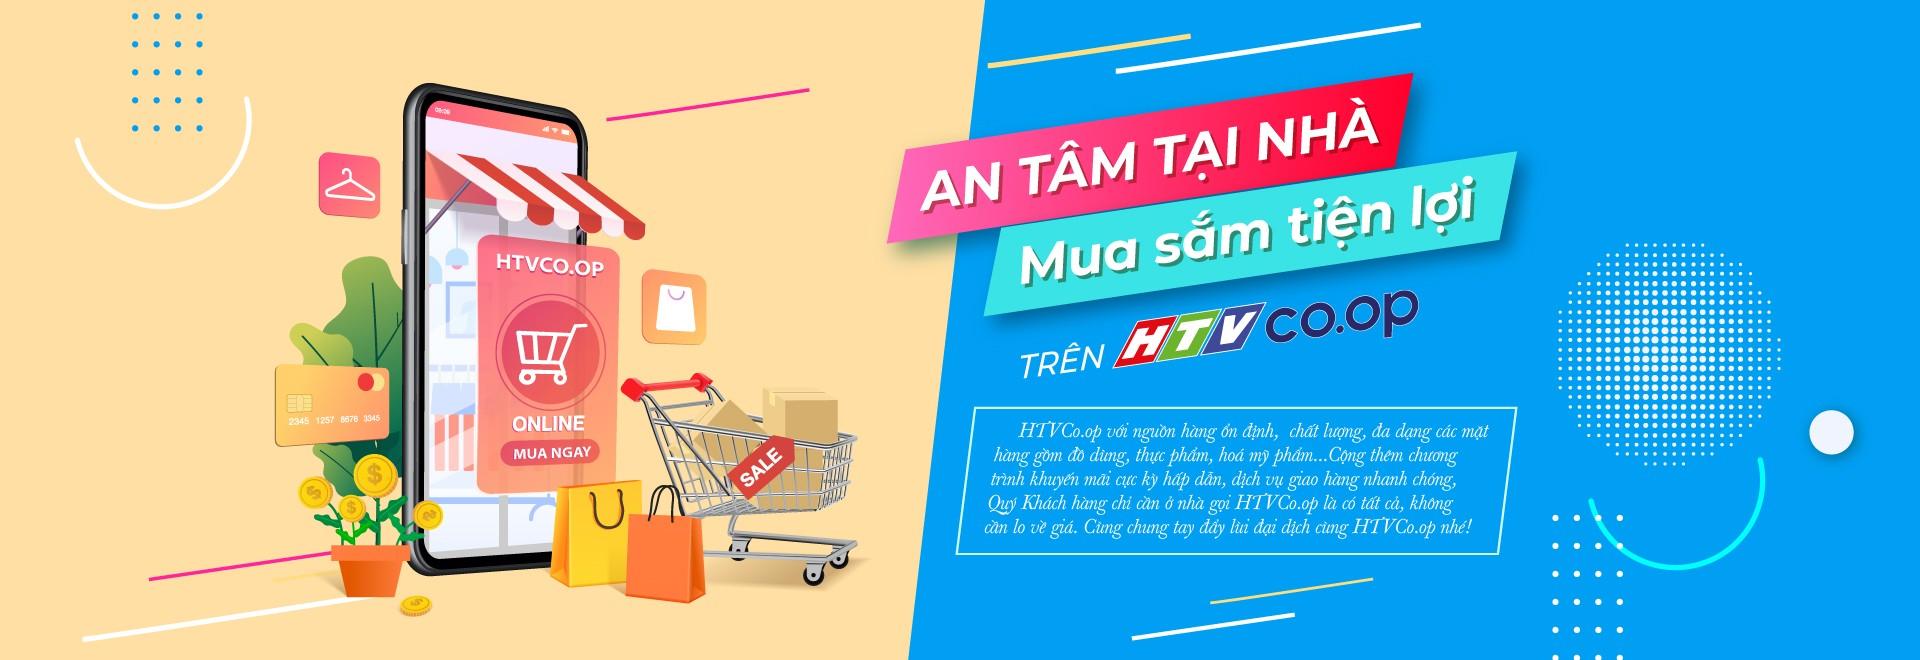 """CTKM tháng 7 """"An tâm ở nhà, mua sắm tiện lợi cùng HTVCo.op"""""""